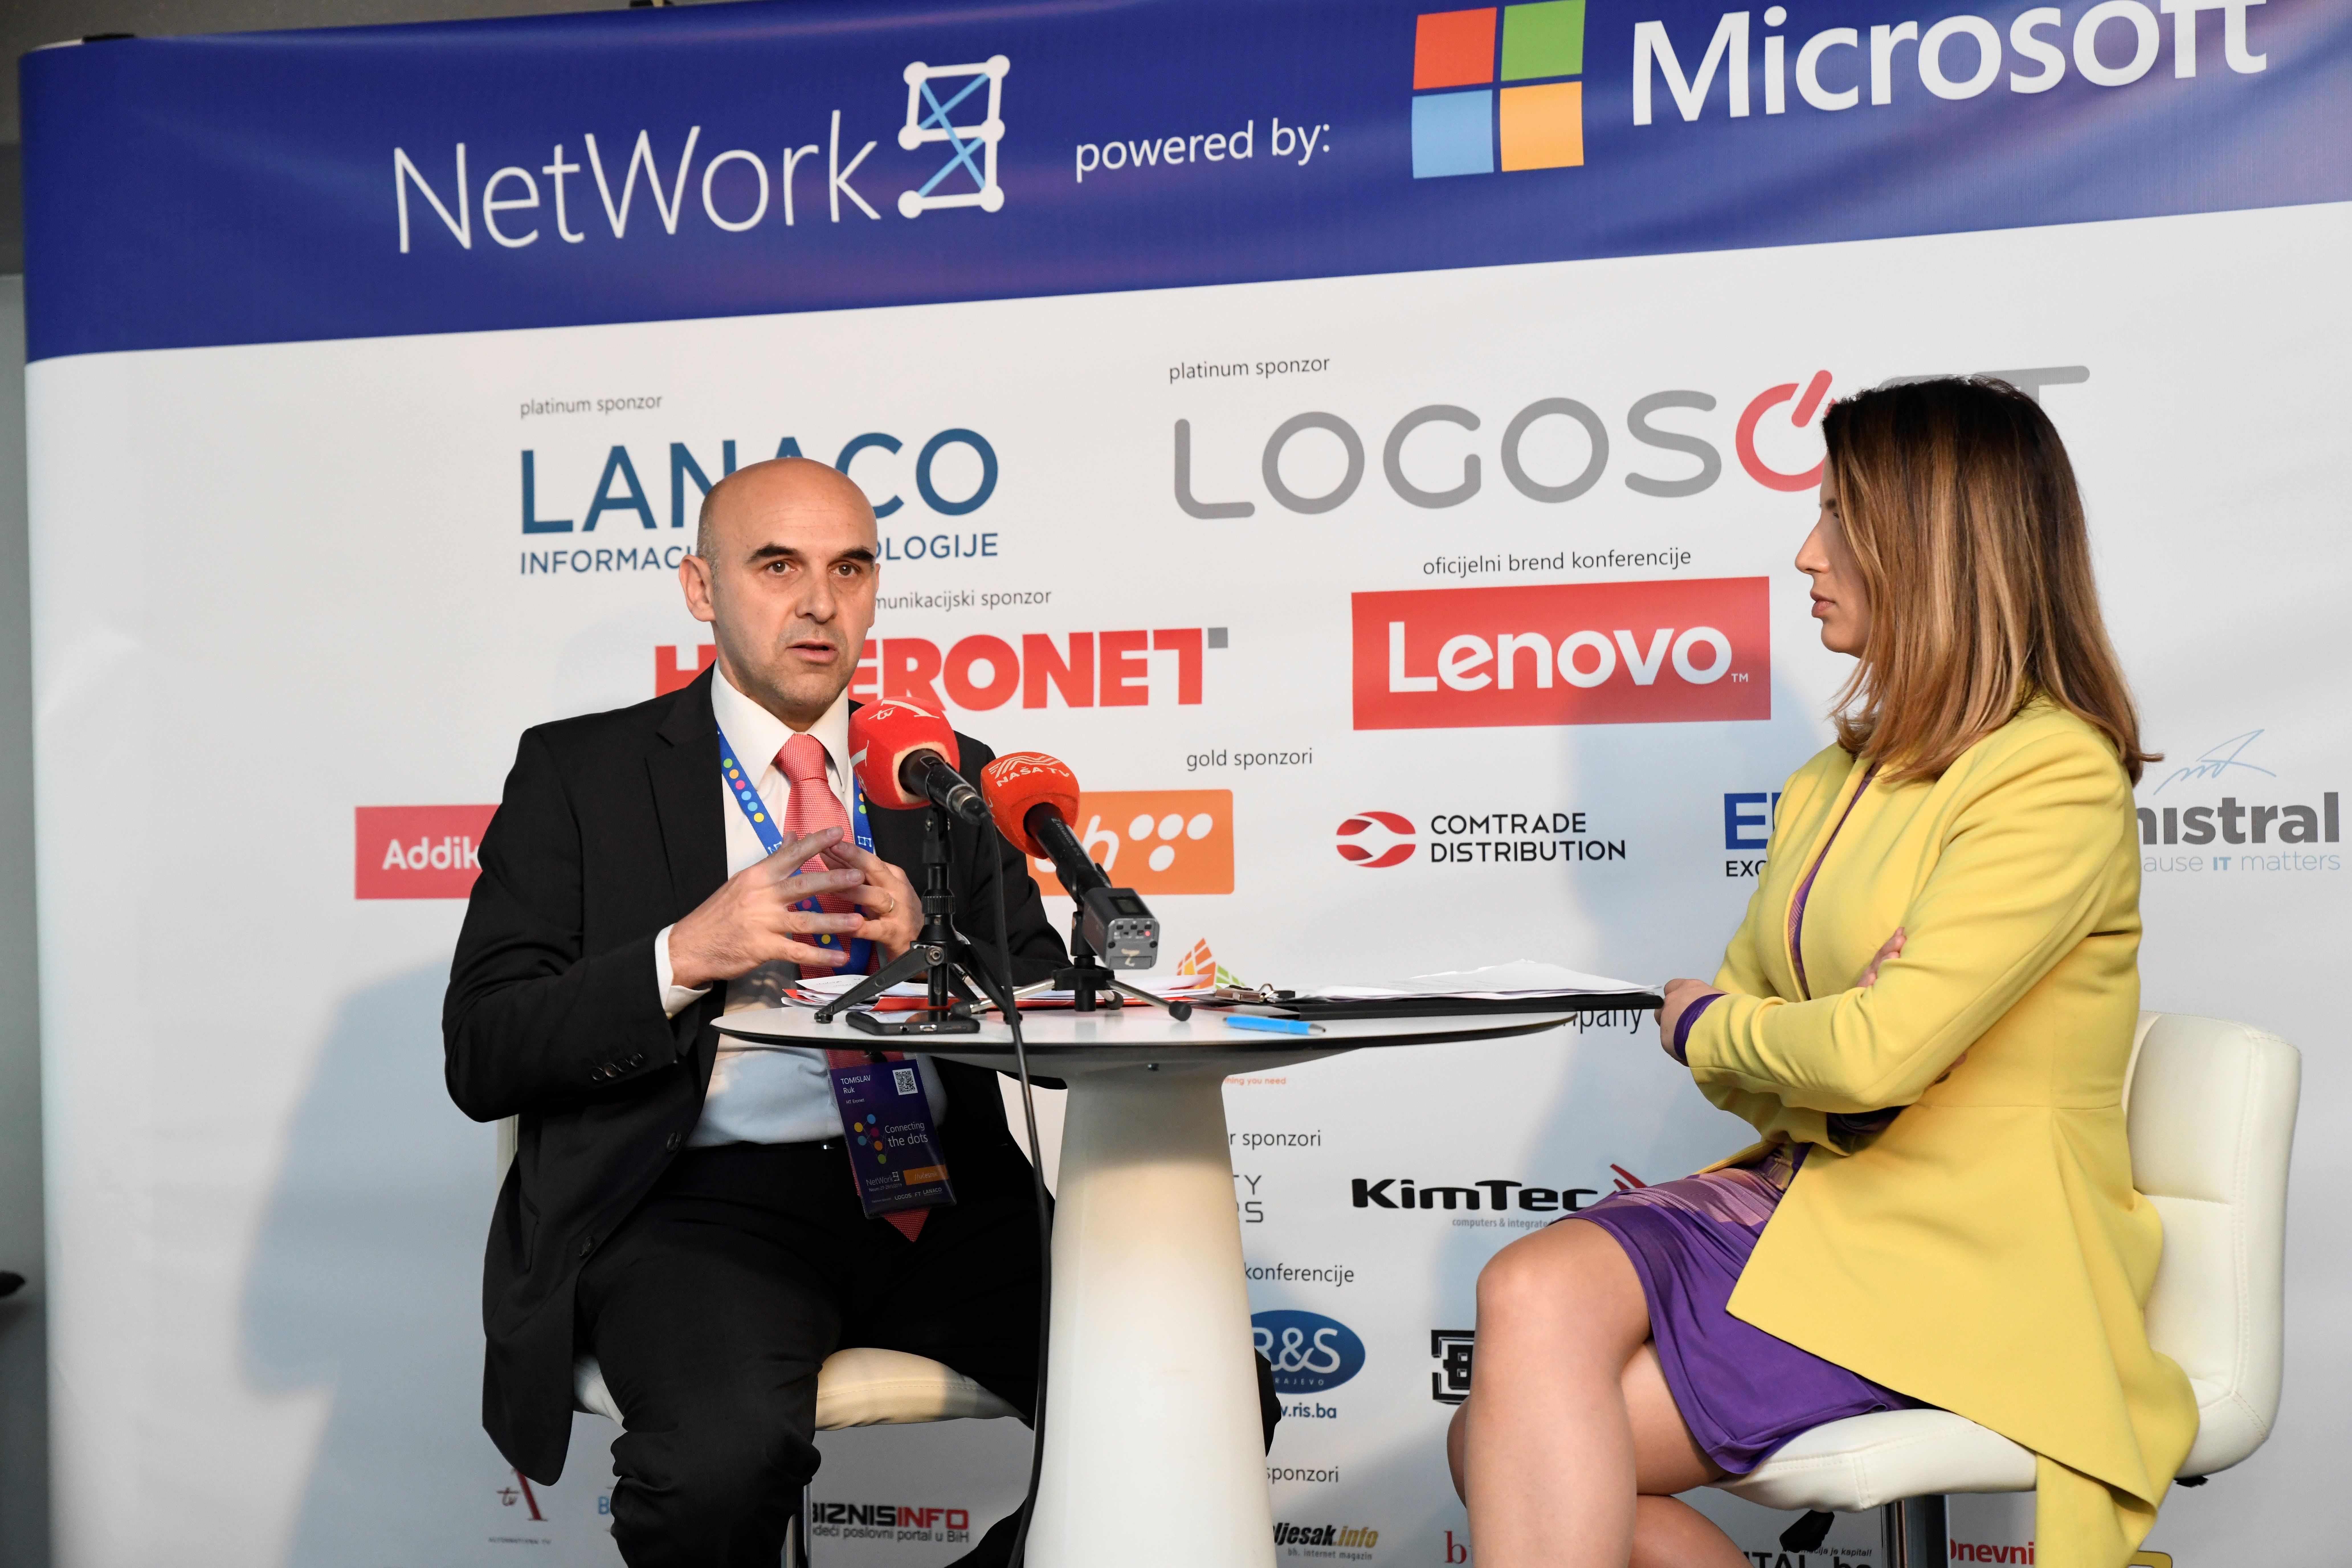 HT ERONET predstavio novu uslugu na Network konferenciji